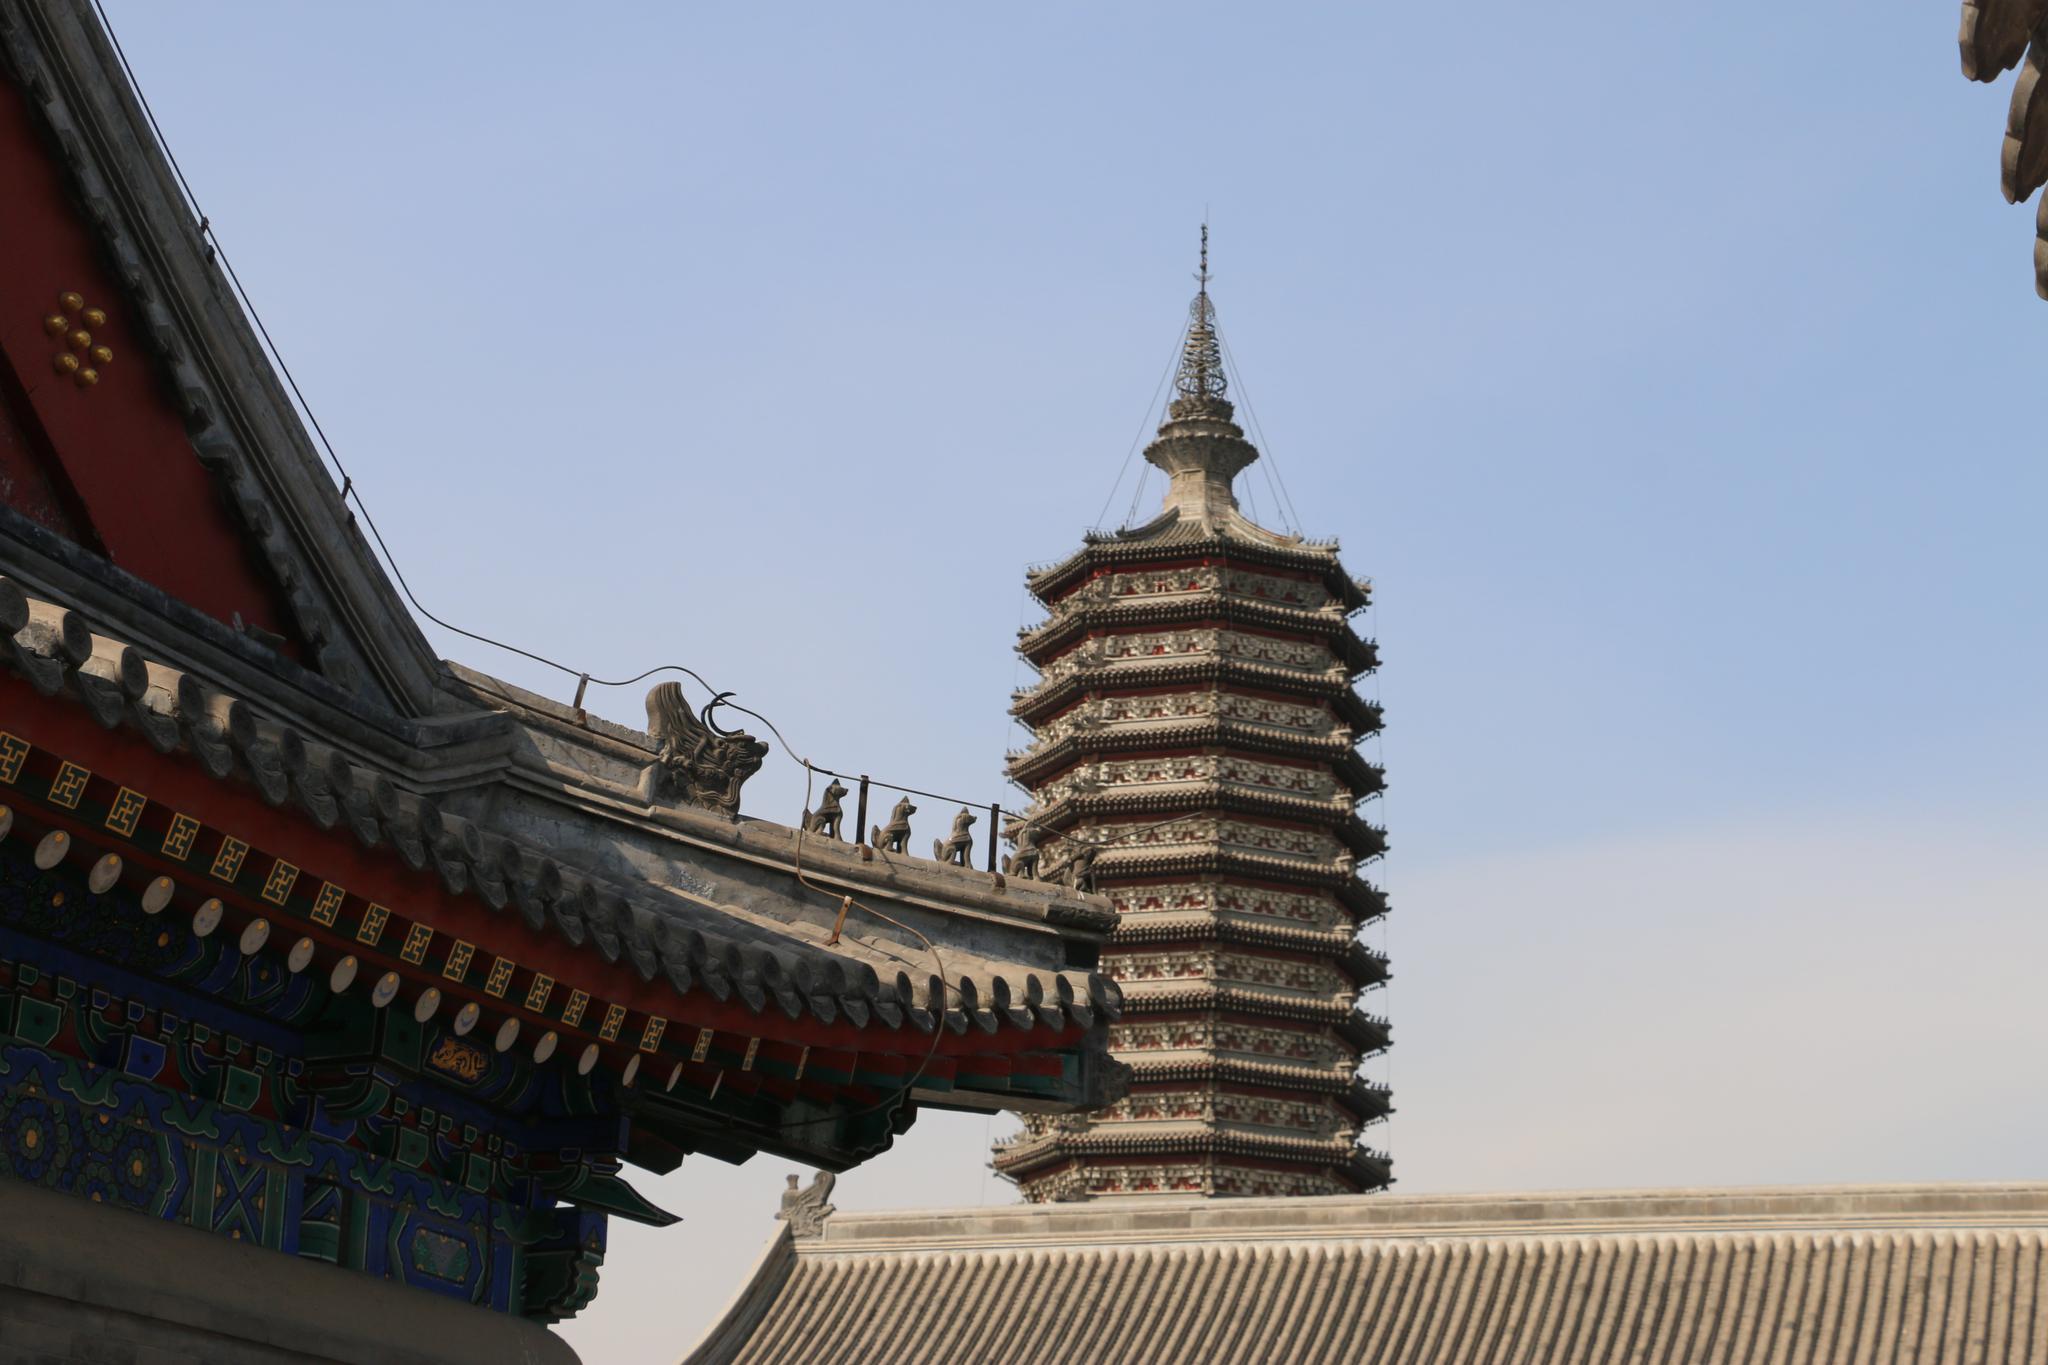 秋游 北京市 通州区 燃灯佛舍利塔 被称为一枝塔影认通州